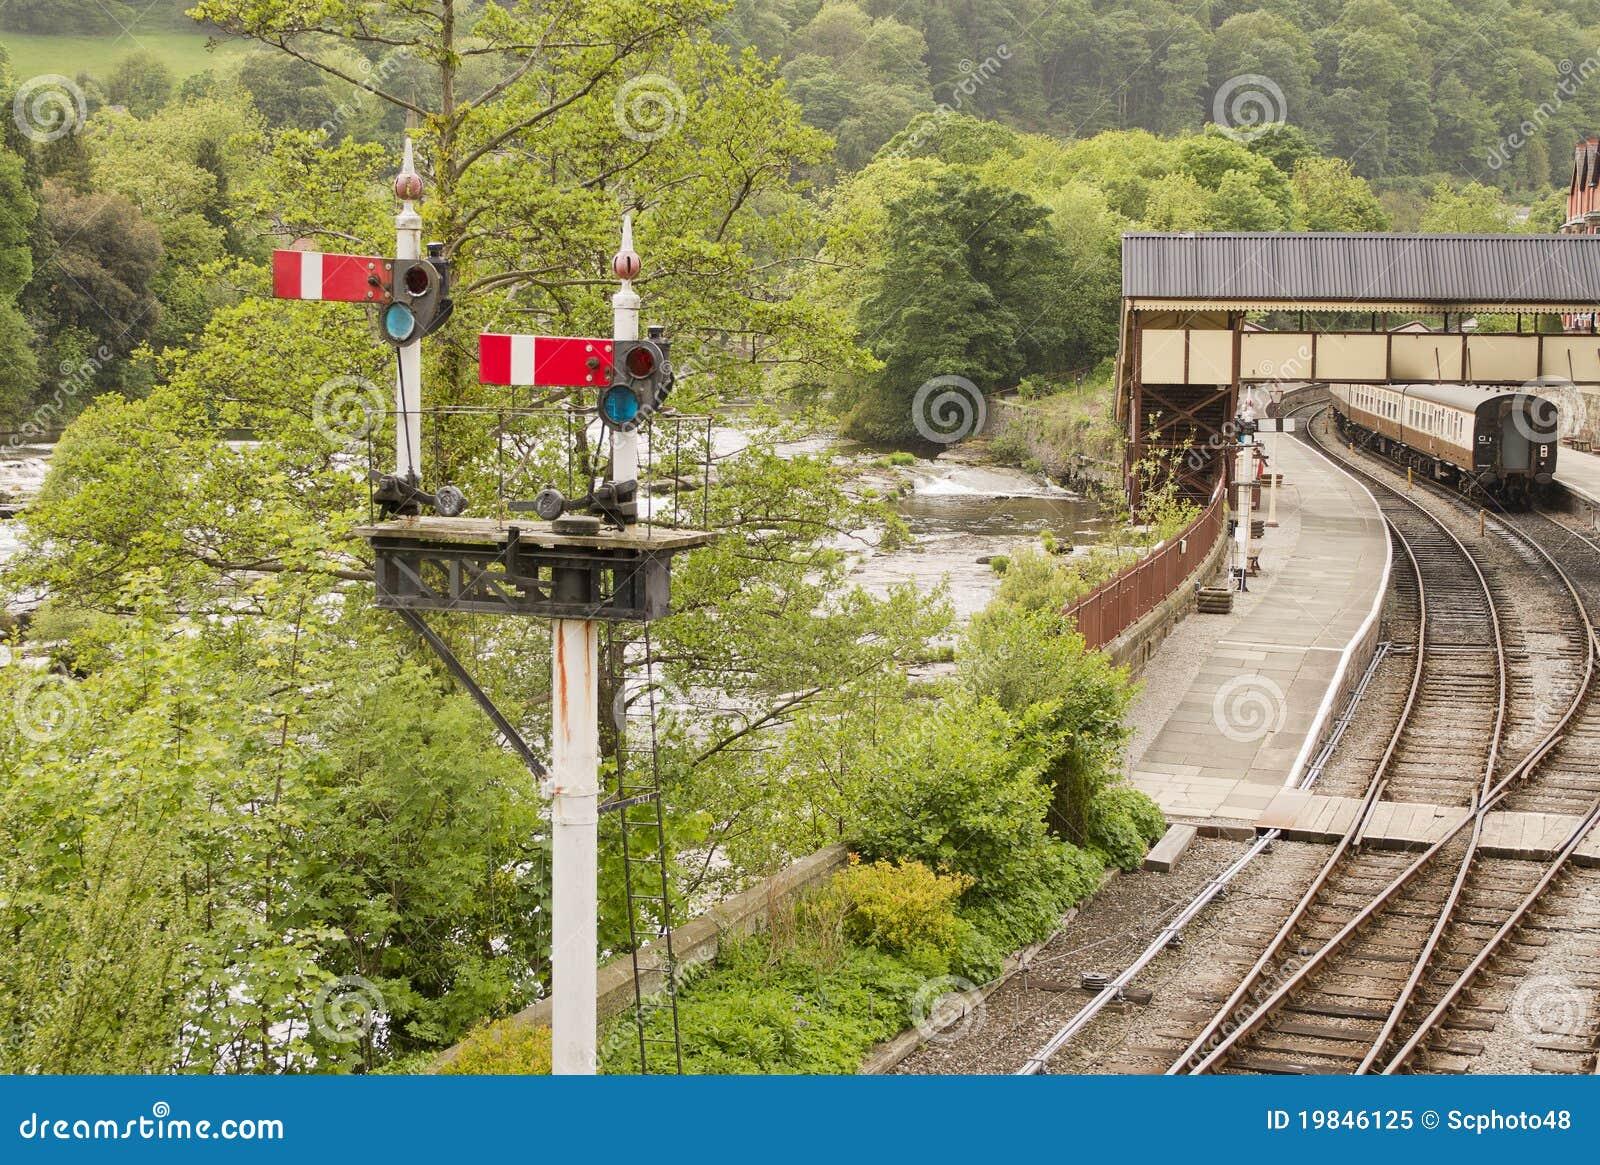 Järnväg signalering